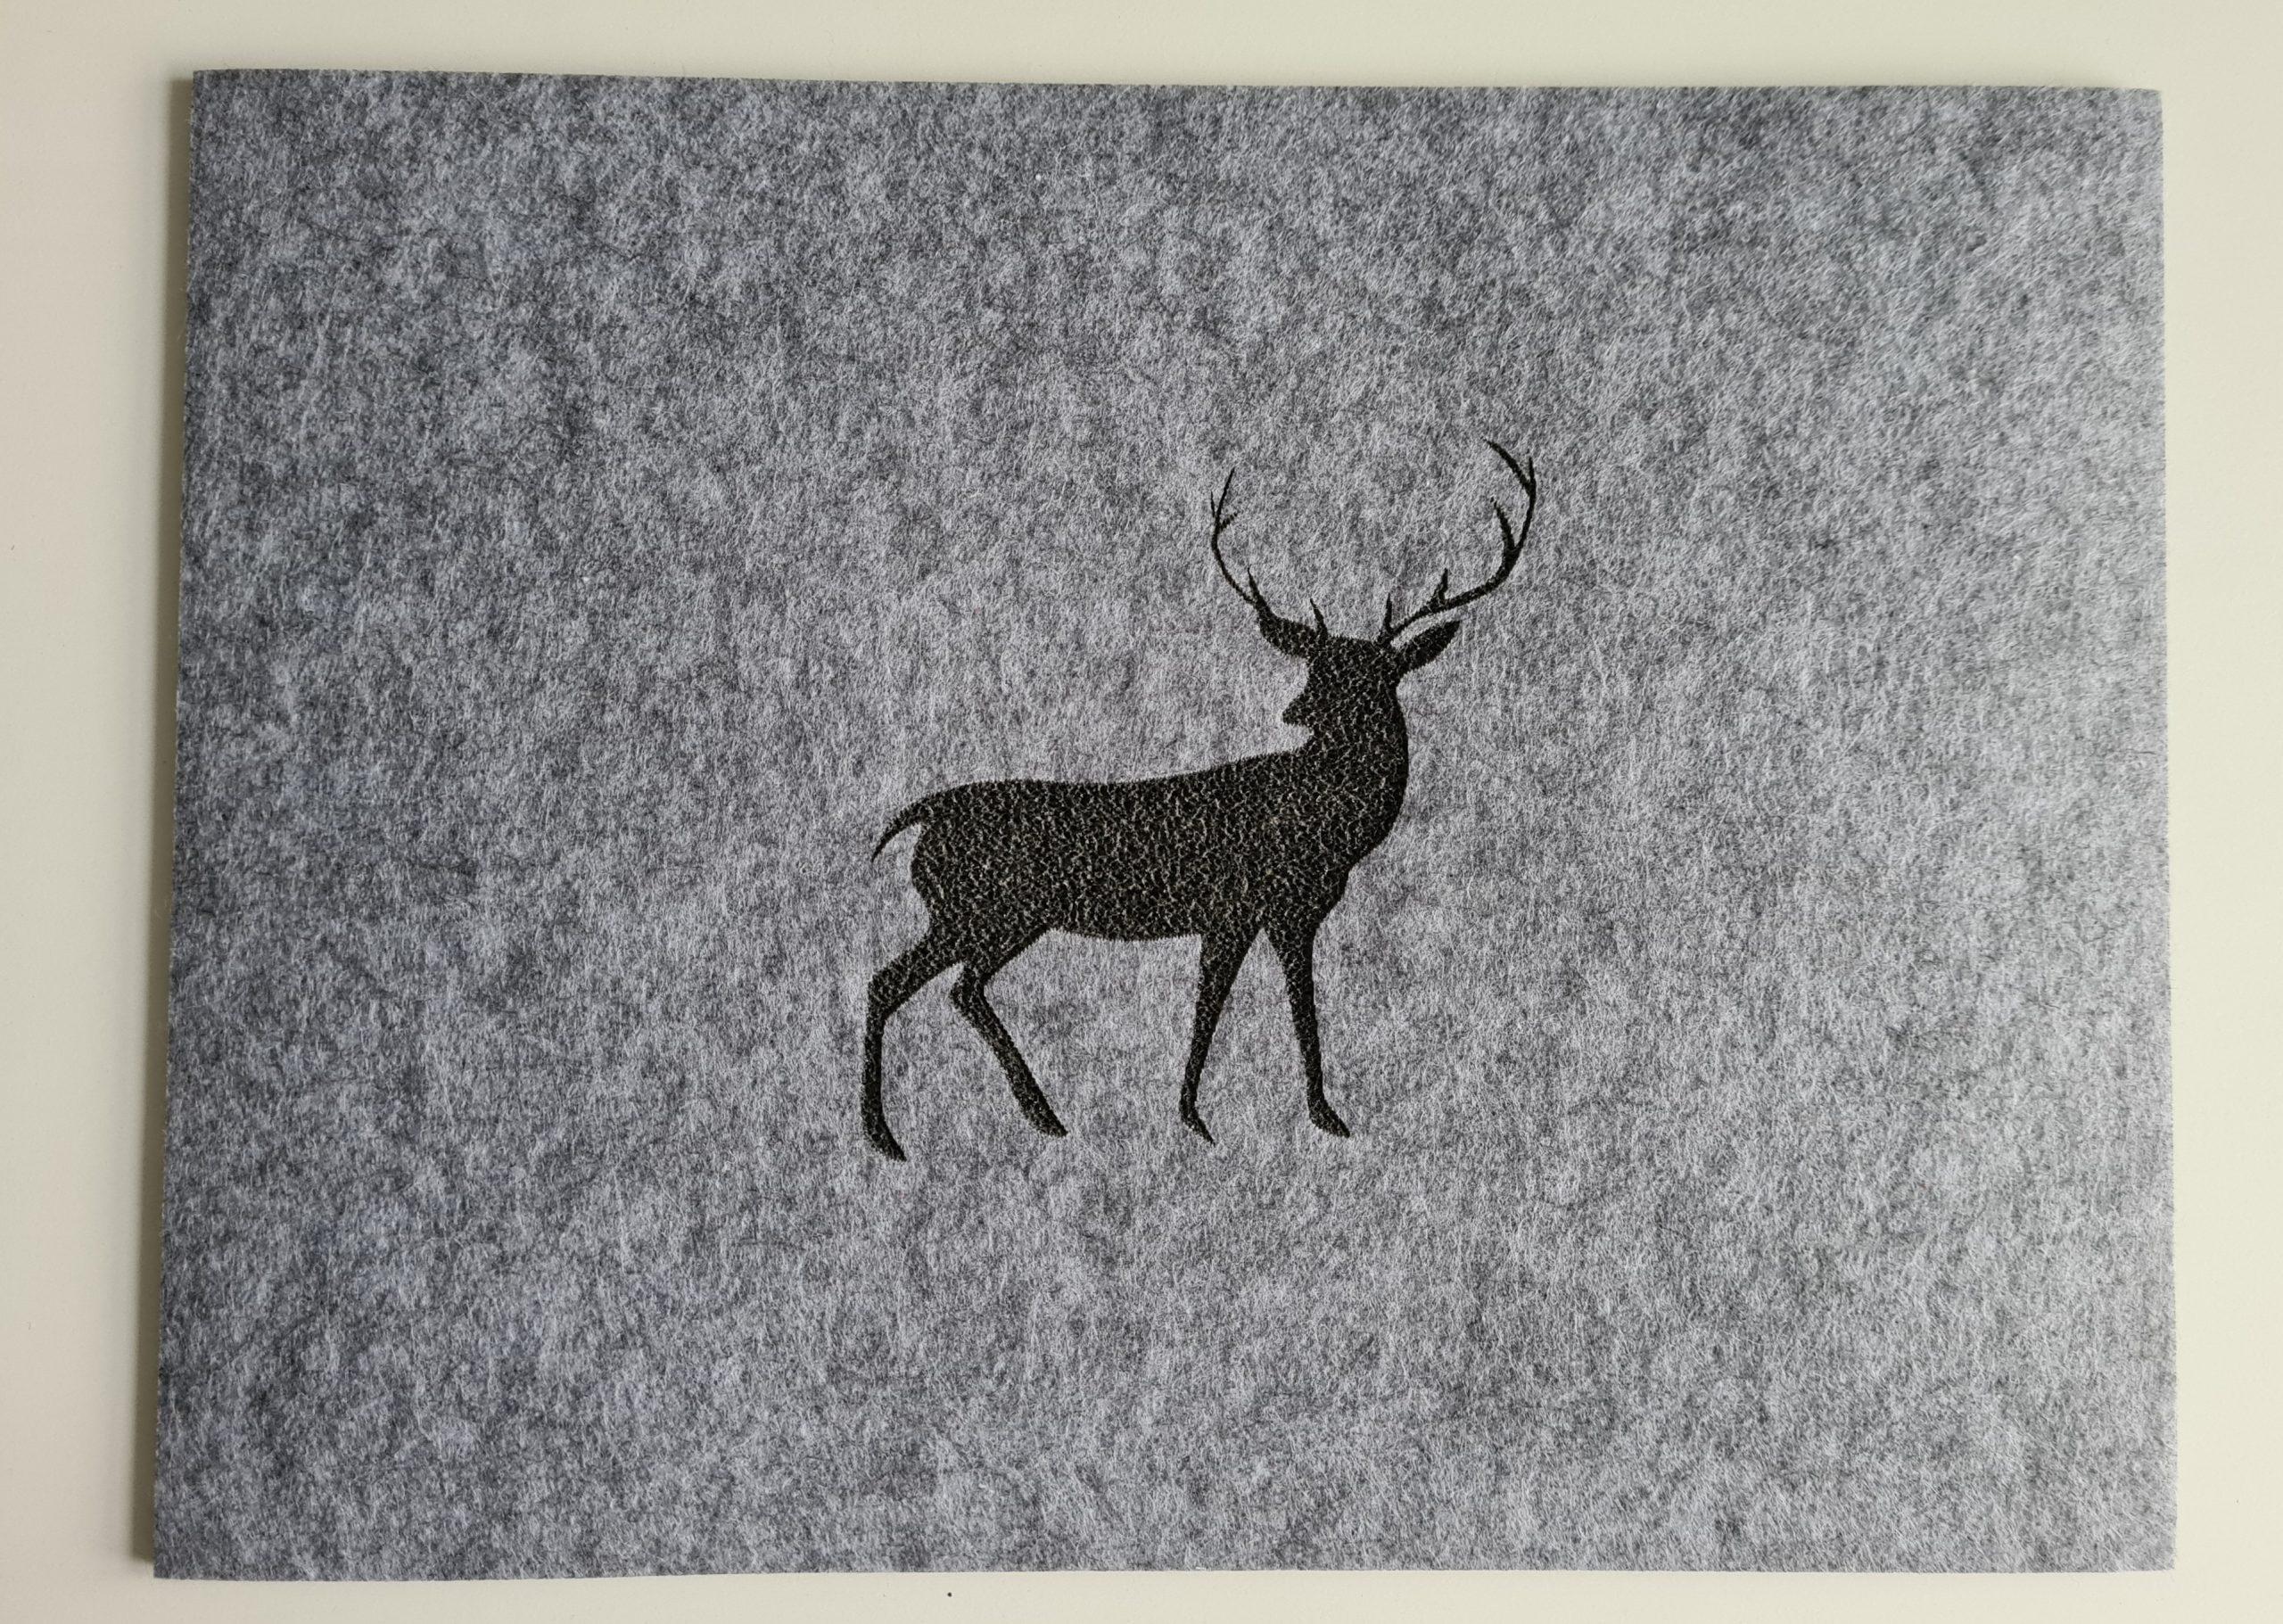 Schwarzer Filz-Untersetzter mit Hirschaufdruck quadratisch - Handgemachte individualisierbare Taschen, Körbe, Tischsets, Dekoartikel und mehr auf fideko.de der Onlineshop seit 2011